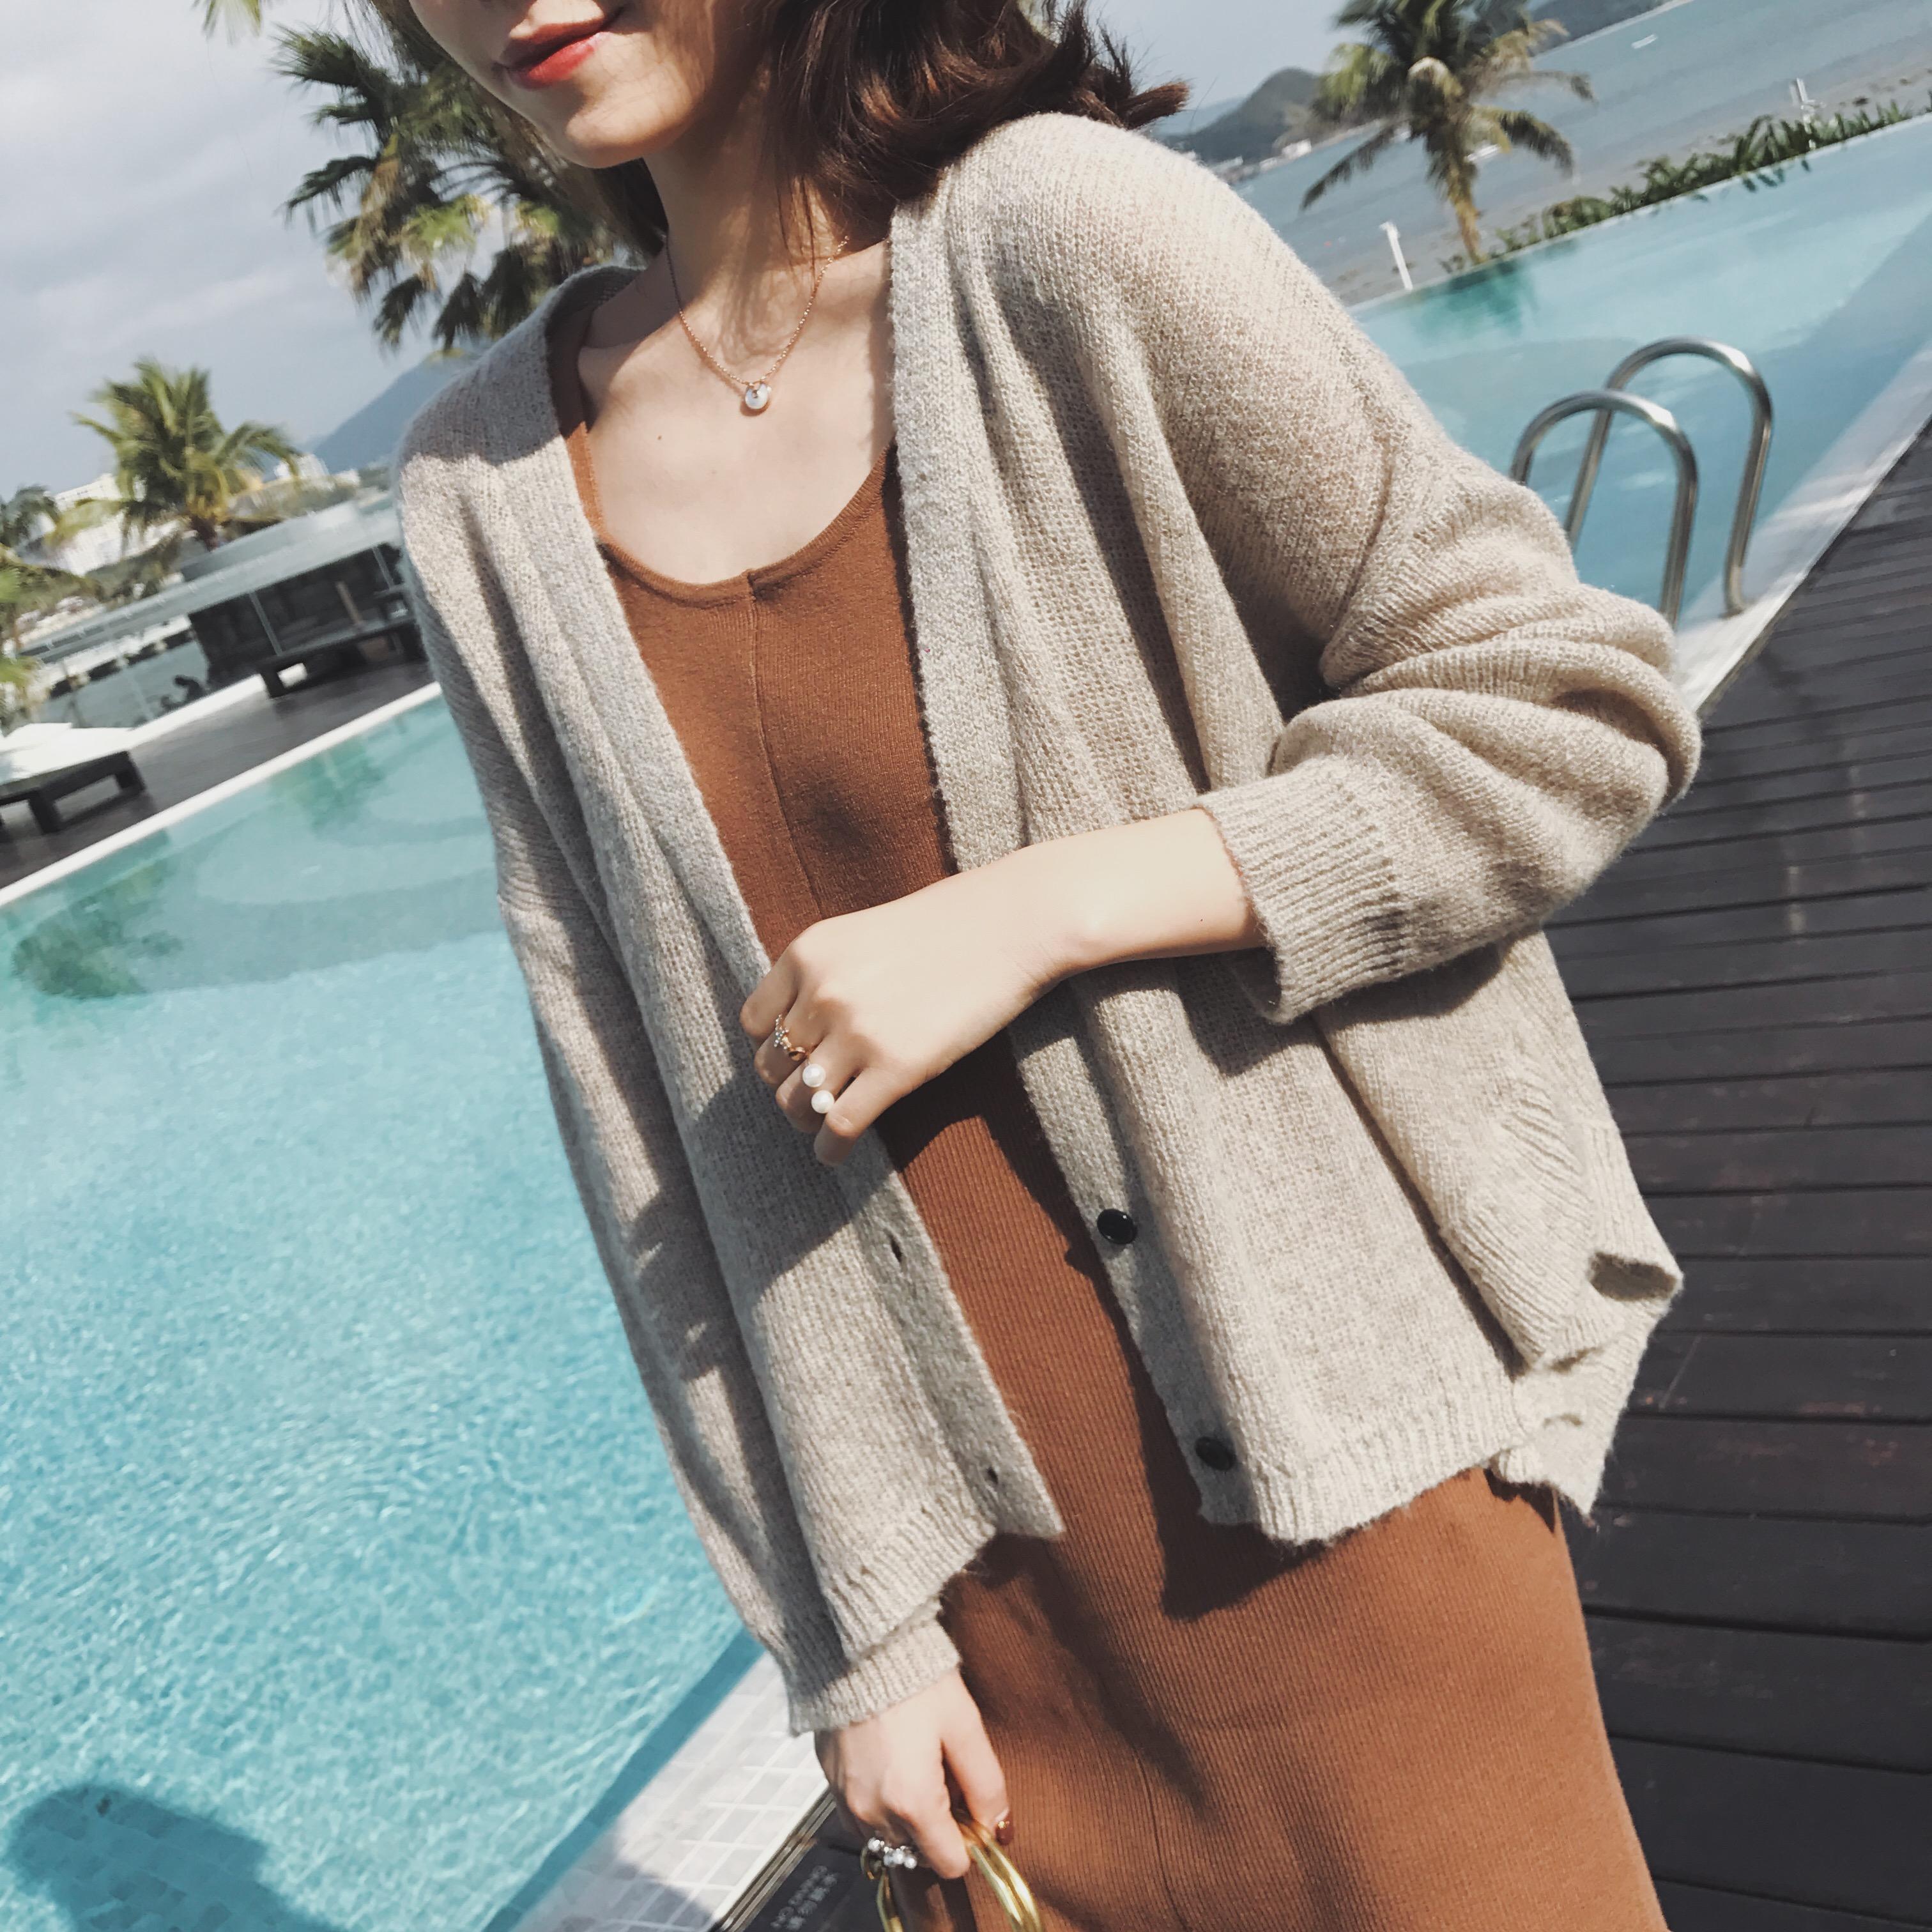 GG чистый орангутанг одежда кардиган женщина студент длинный рукав 2018 рано весна новый неосторожный ленивый ветер тонкая модель chic вязание пальто волна